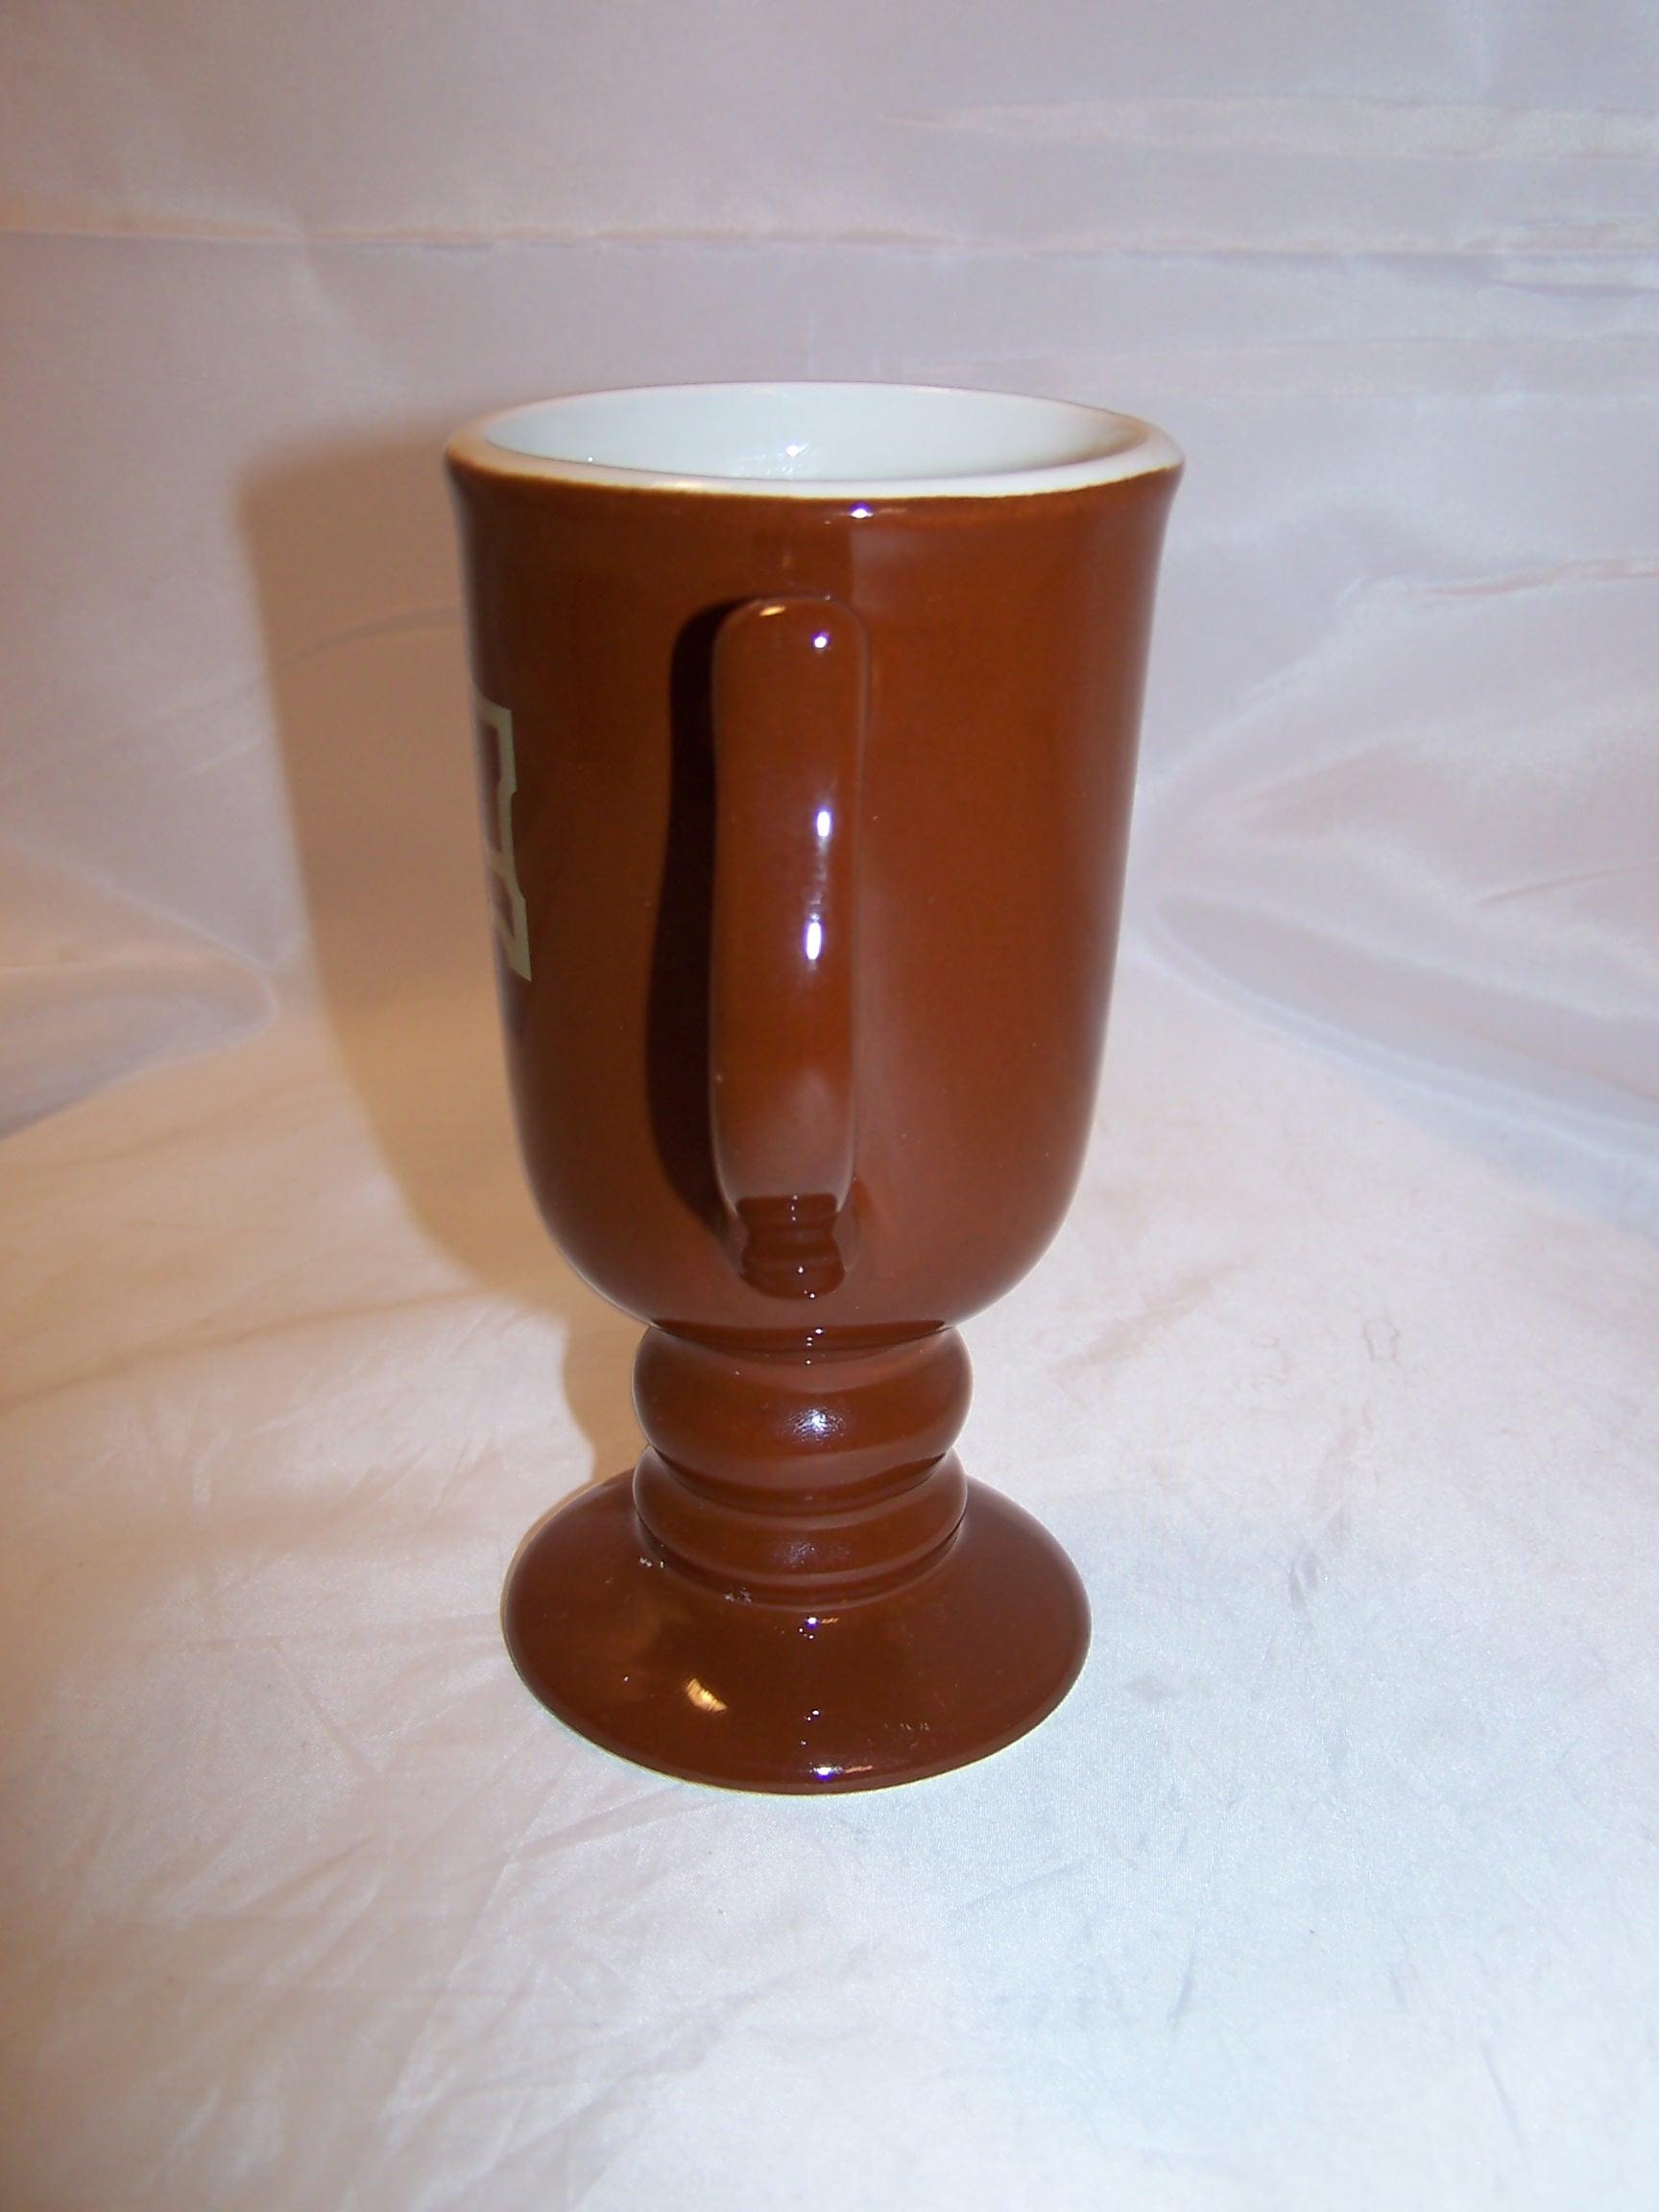 Image 1 of Carl Stokes Mug, Cleveland, The Pewter Mug